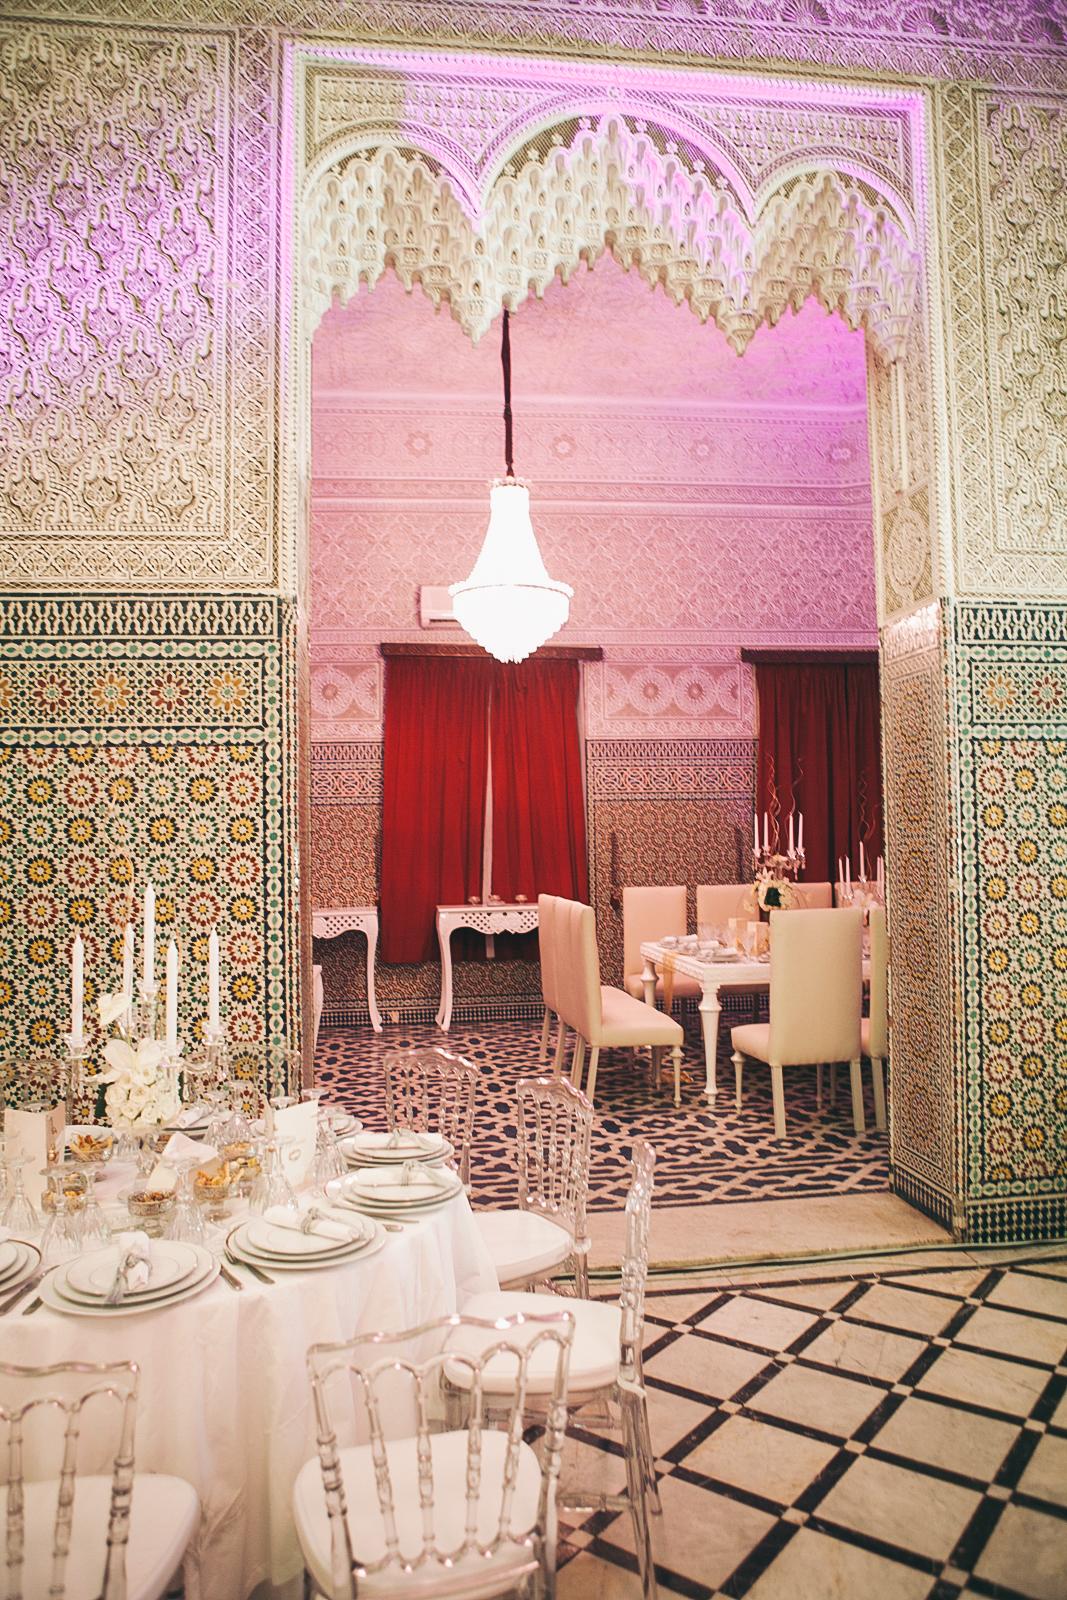 traditional_moroccan_wedding_photographry_casablanca_morocco_houda_vivek_ebony_siovhan_bokeh_photography_034.jpg